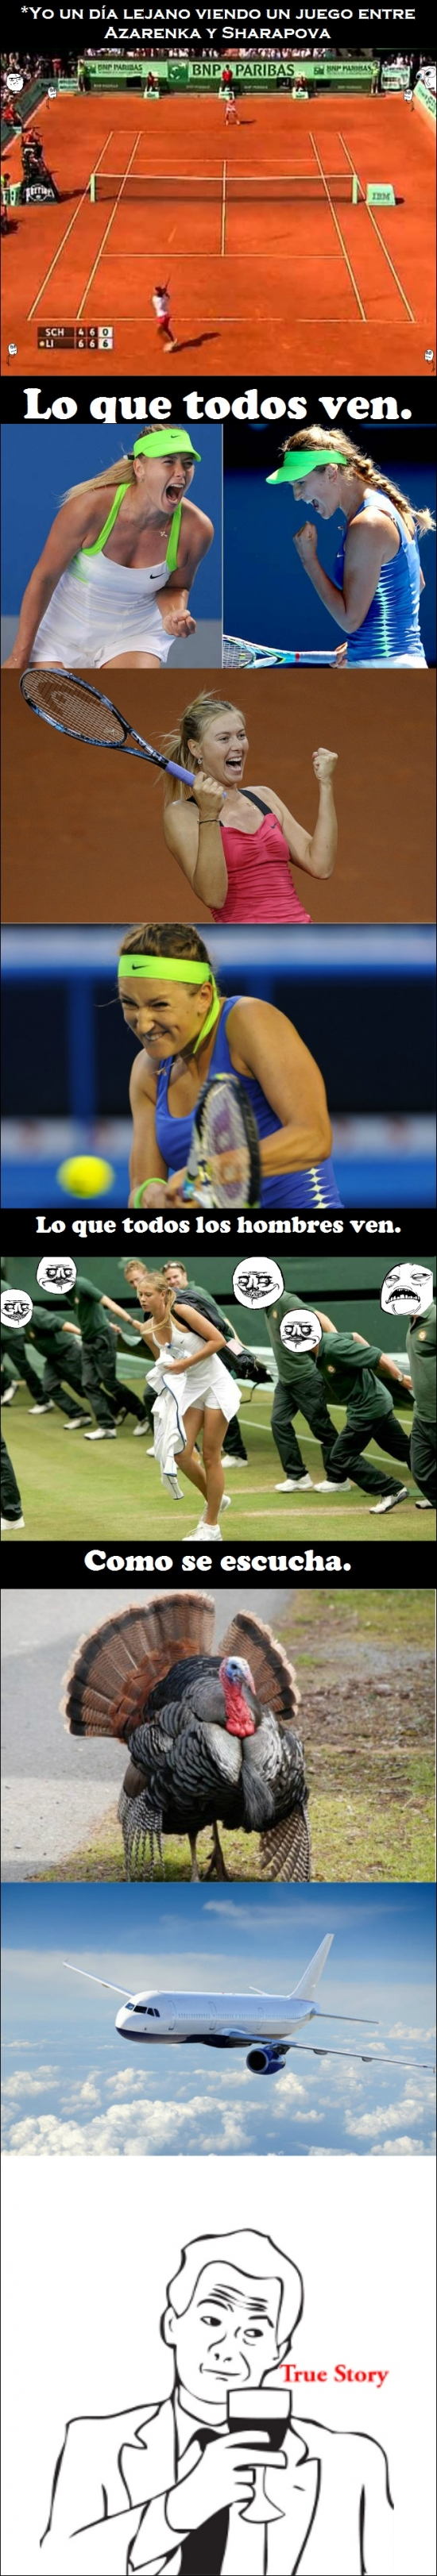 Otros - La realidad al ver un partido de tenis entre Sharapova y Azarenka